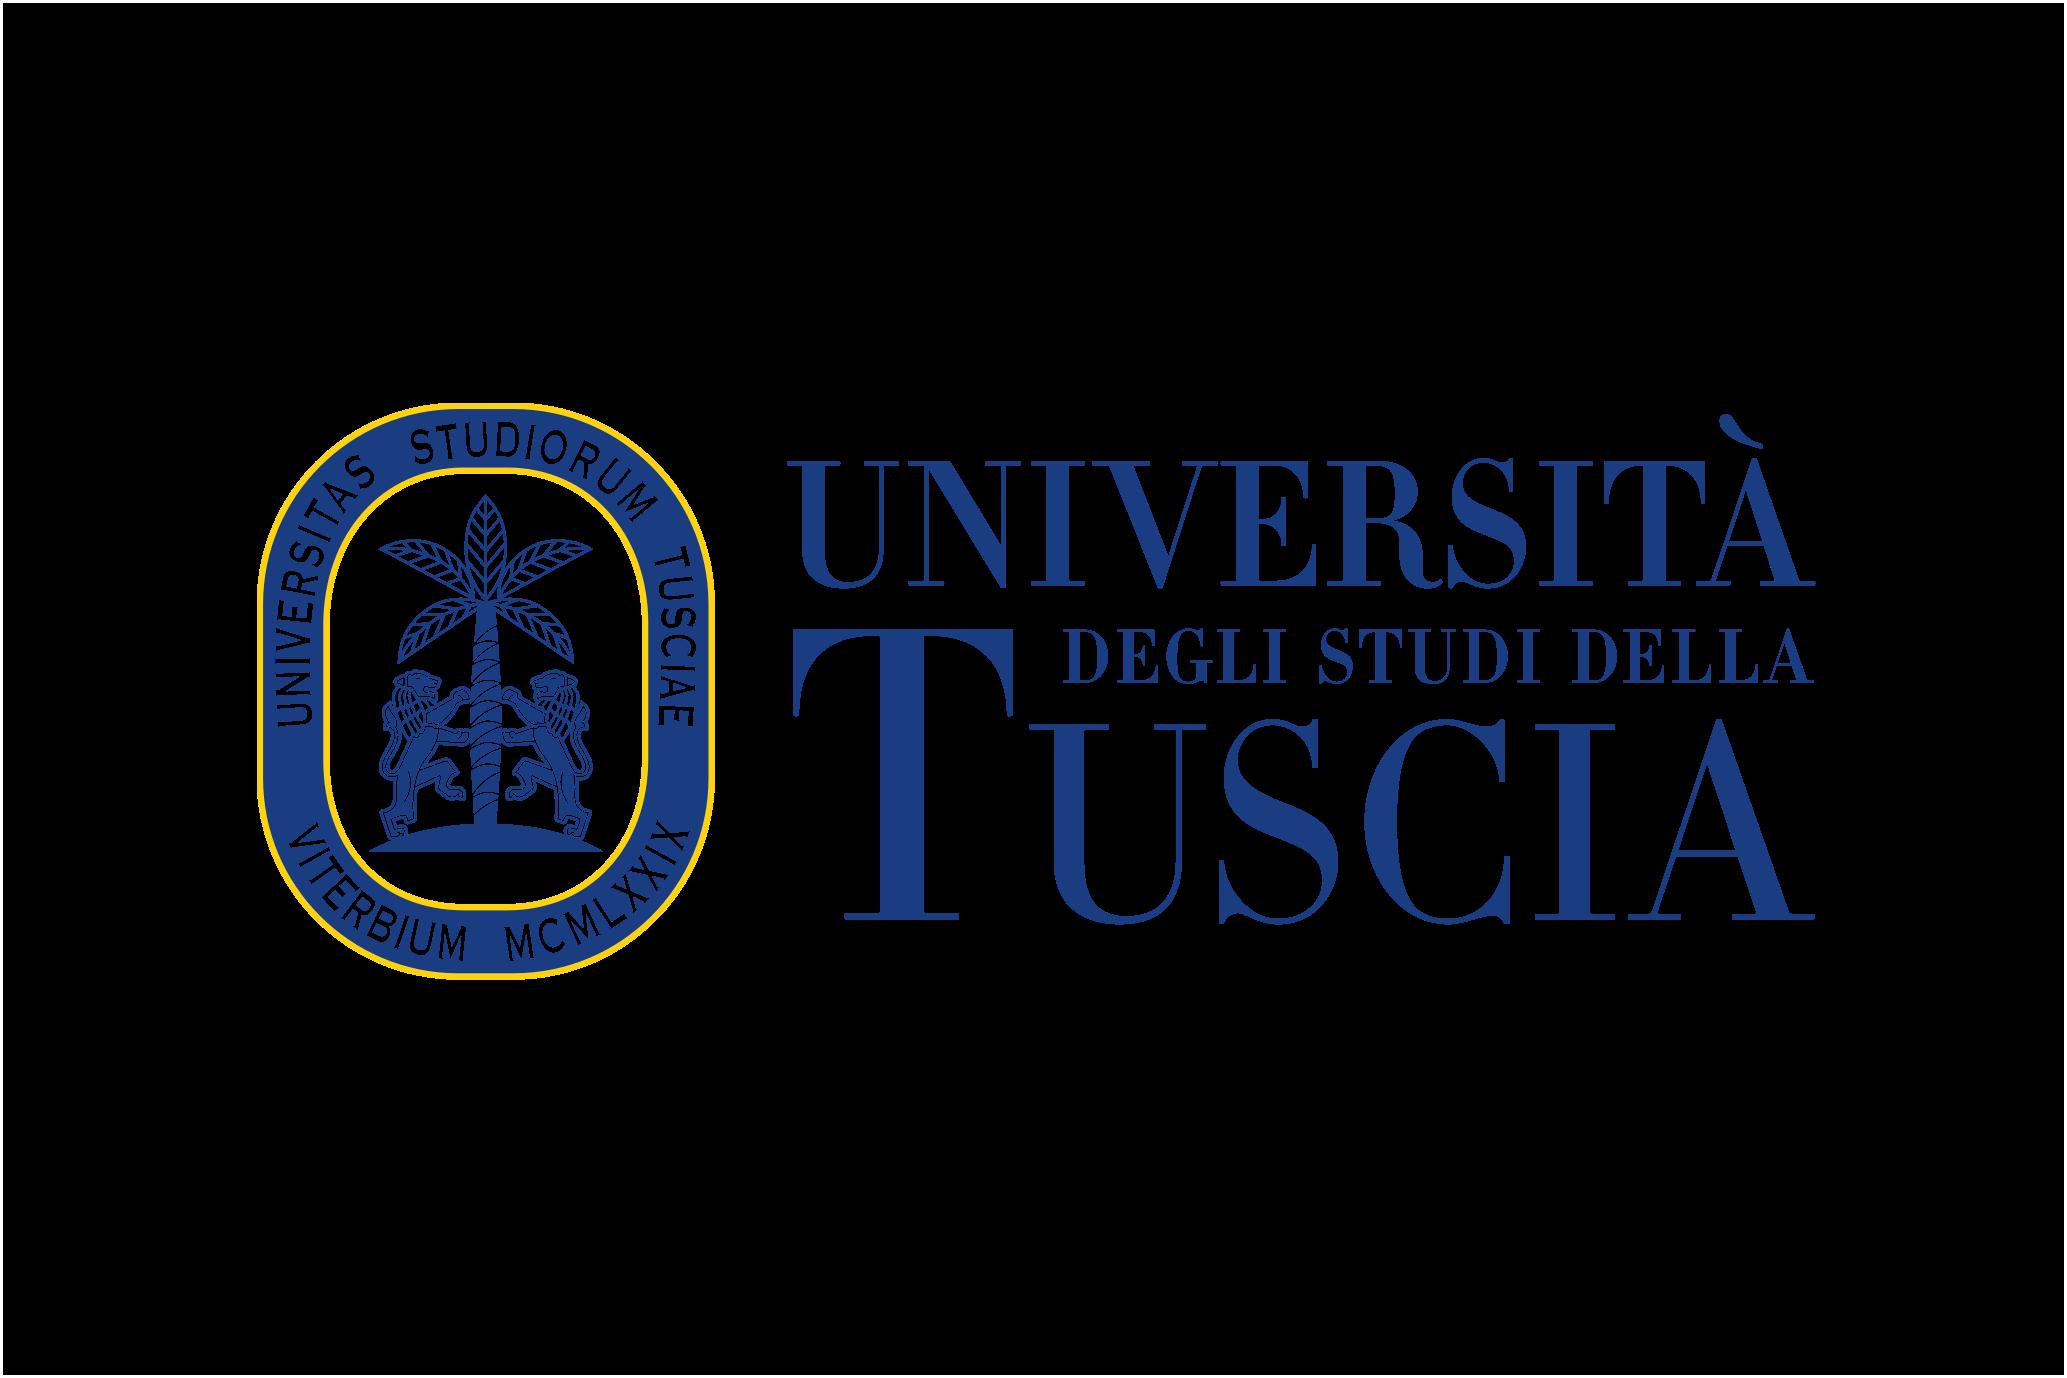 Università degli Studi della Tuscia logo